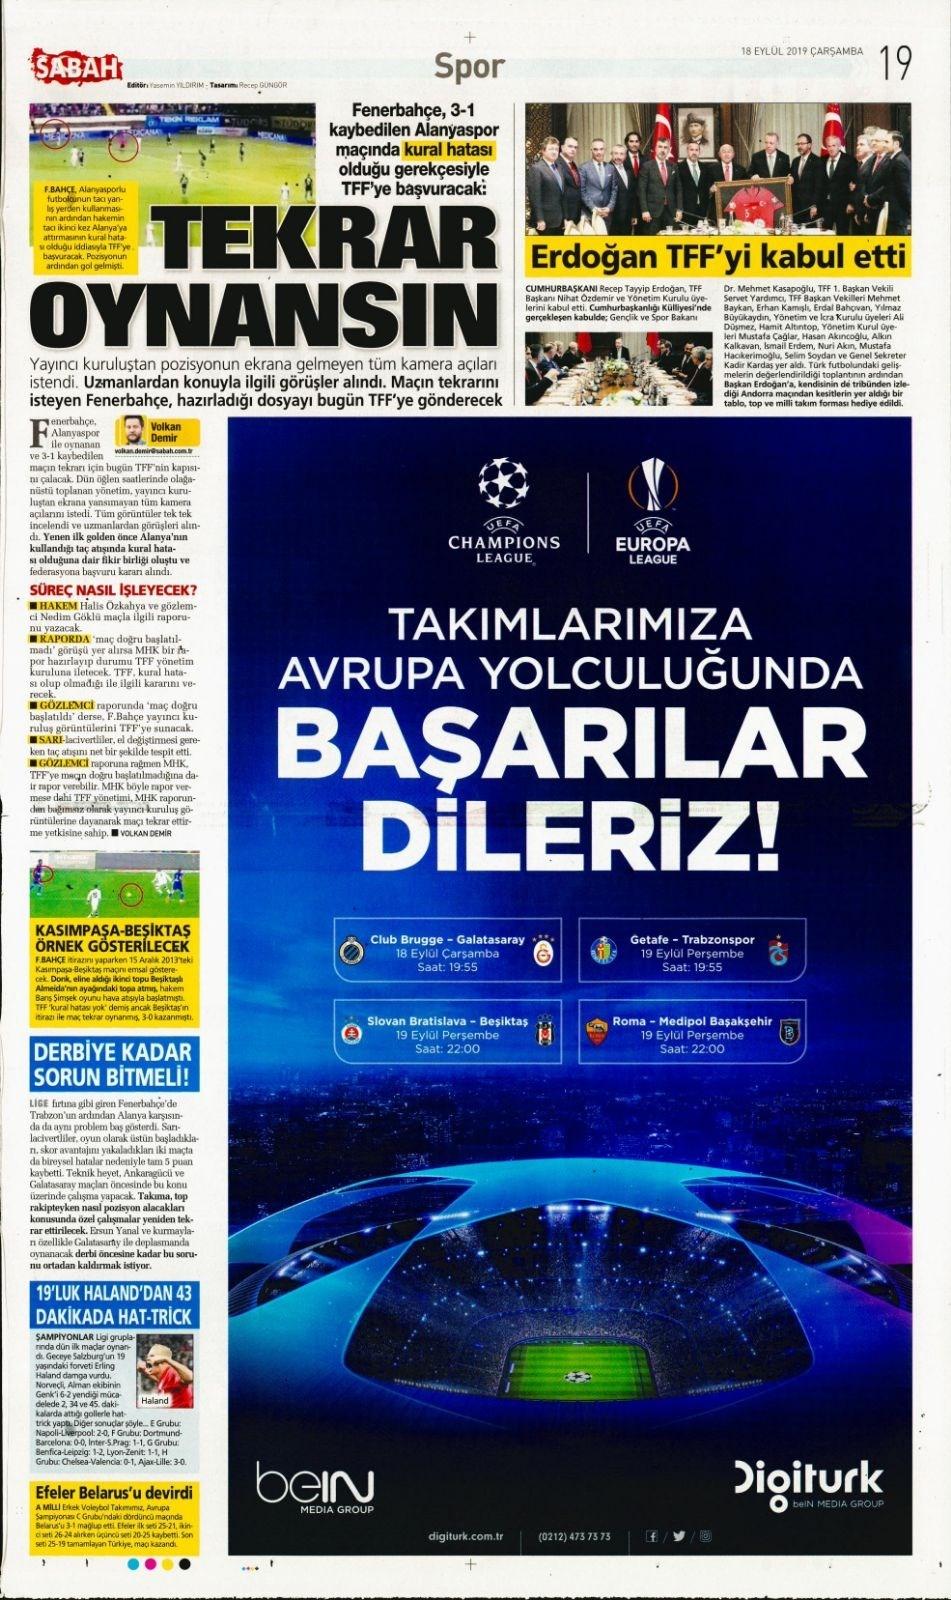 Günün spor manşetleri (18 Eylül 2019) 1